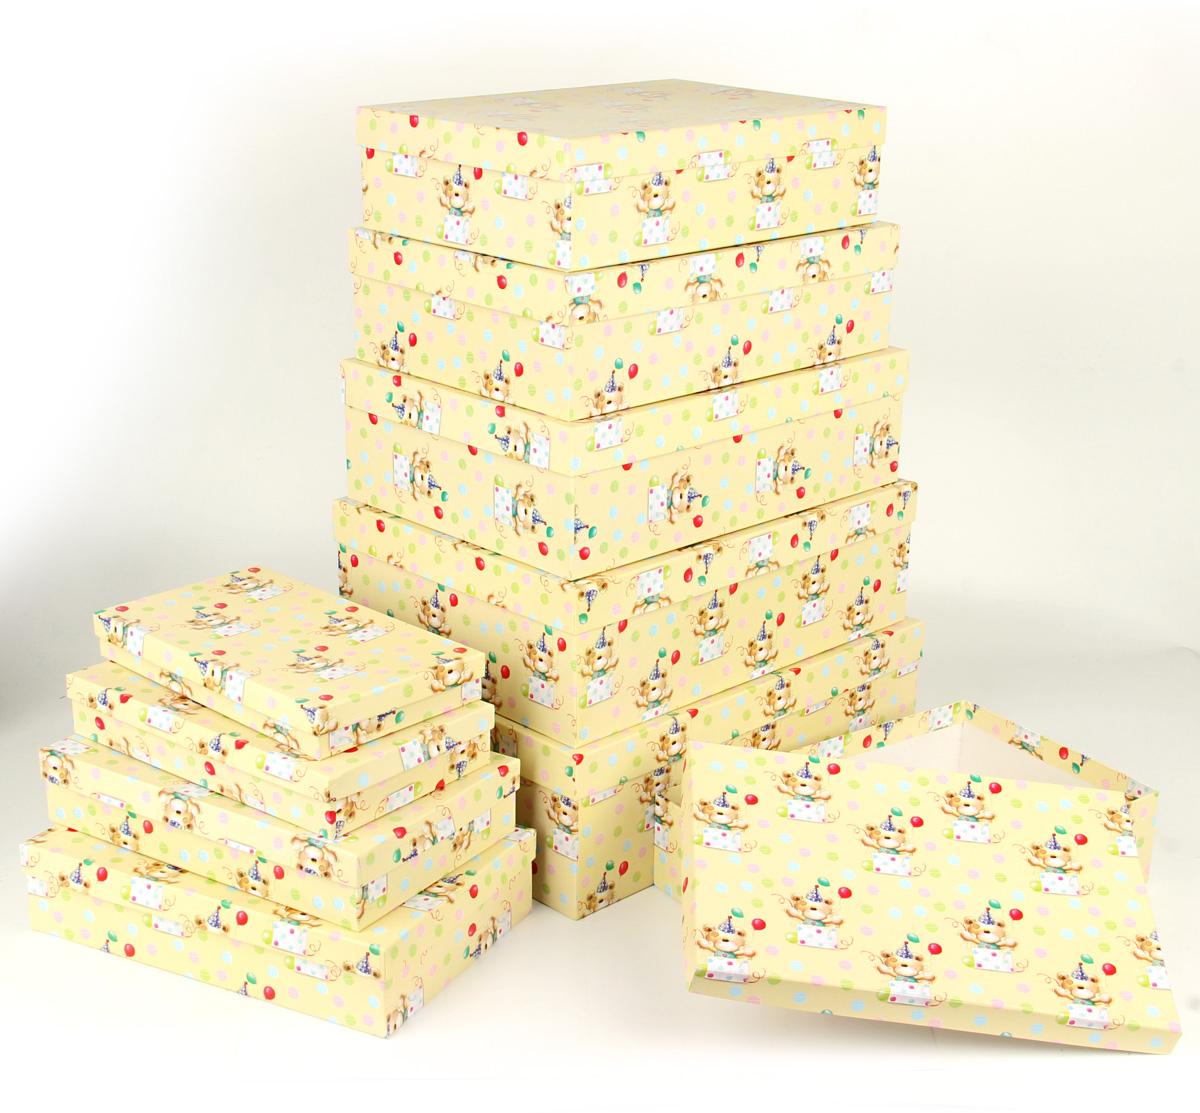 Набор подарочных коробок Veld-Co С днем варенья, 10 шт набор подарочных коробок veld co шоколад с магнитами цвет светло коричневый 3 шт